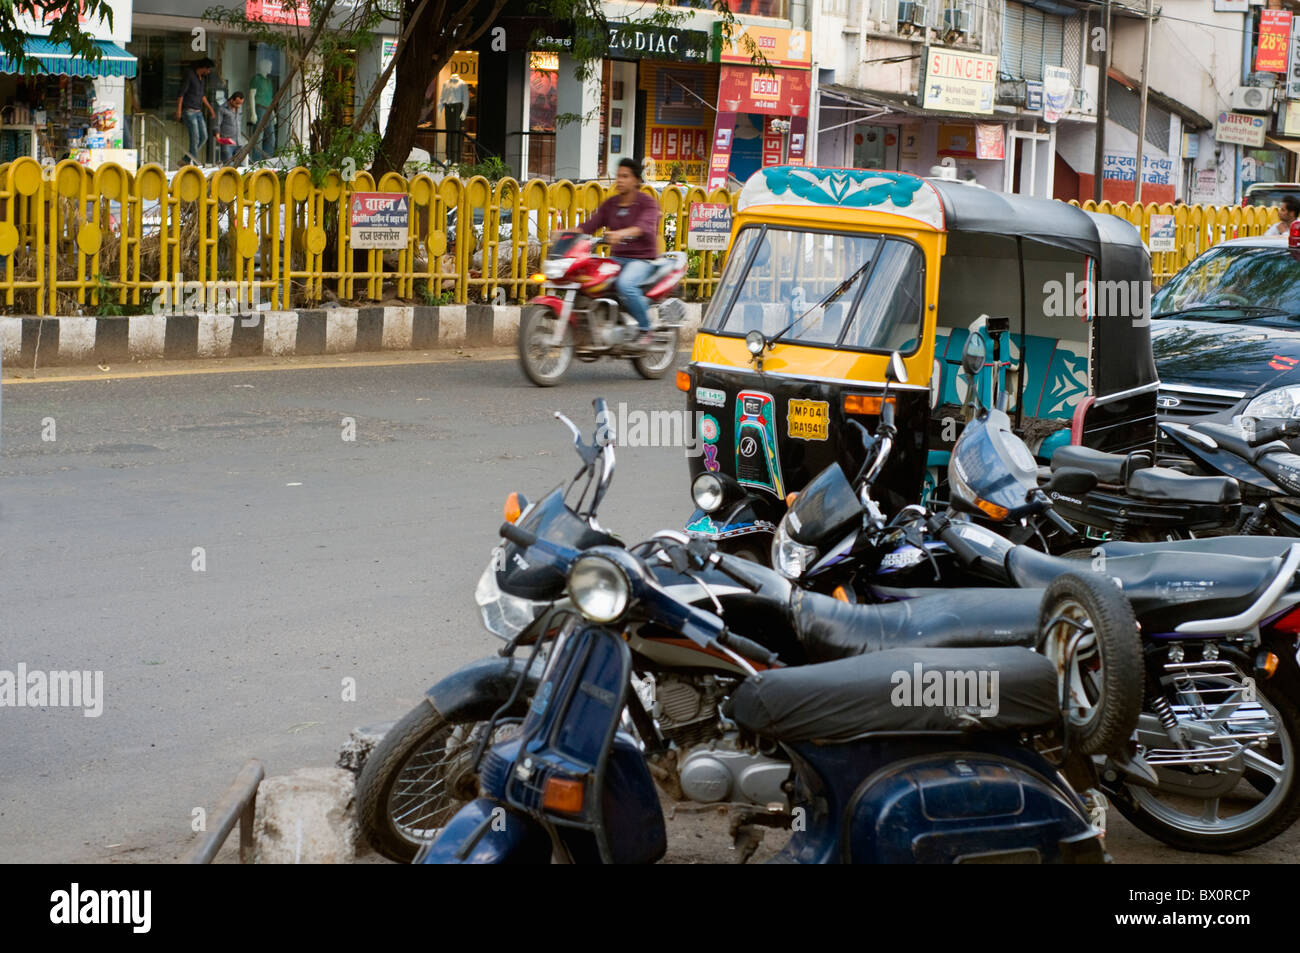 Verkehr auf den Straßen von Bhopal in Indien Stockbild